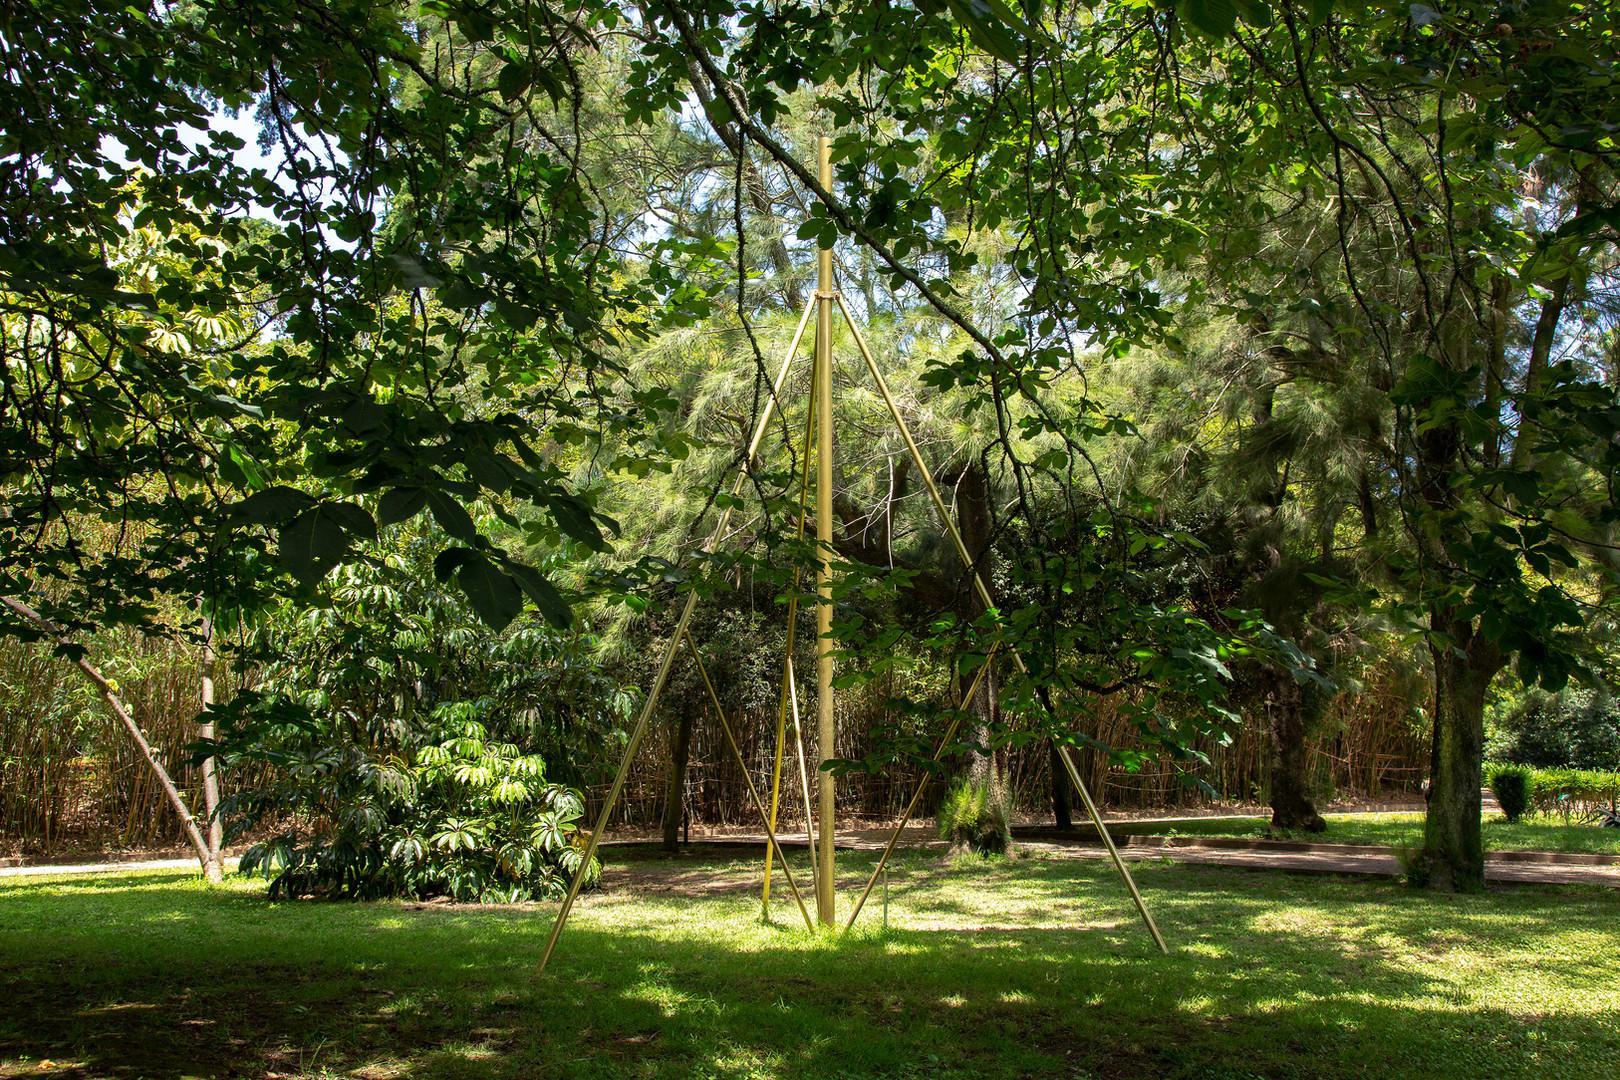 Estudos do Labirinto Jardim Botânico Tropical Nuno Vicente, Escultura para o fim do verão, 2018 Dispositivo escultórico em mediação com as águas pluviais de fim de verão. Para a celebração do fim do período seco e do odor à terra húmida